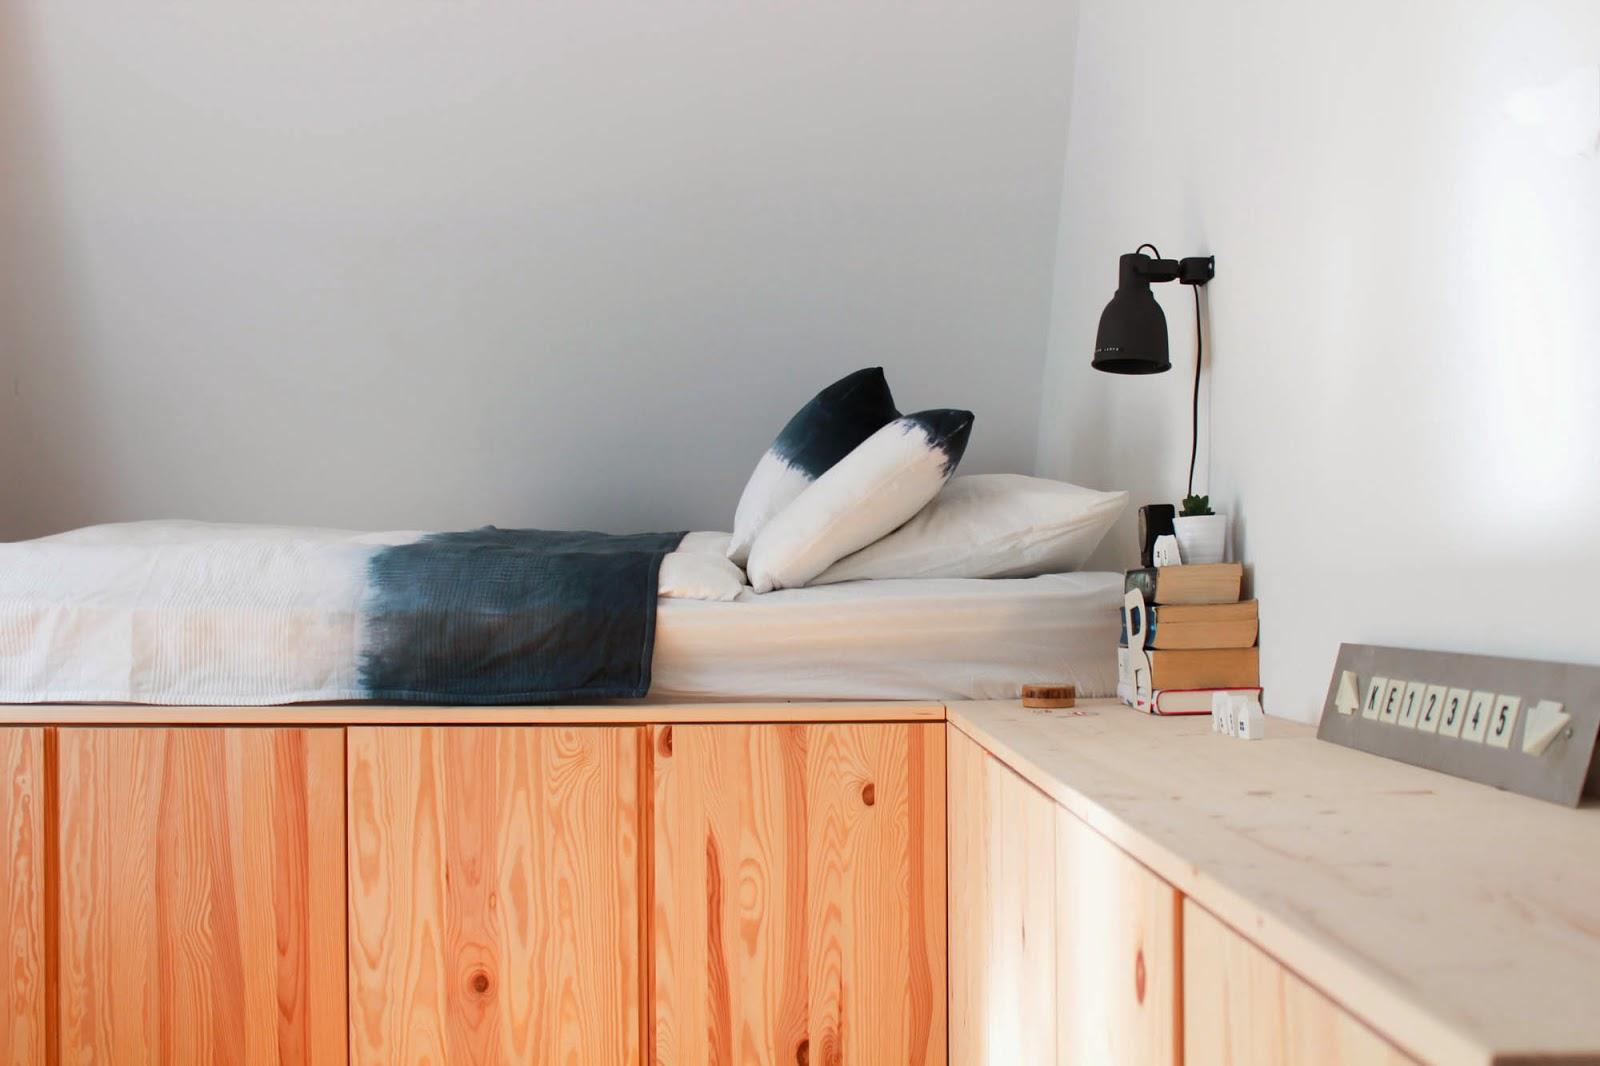 Full Size of Podest Bett Schlafzimmer 20 Platz Betten Aus Holz Kaufen Günstig 100x200 160x200 180x200 Weiß Futon Breite Mit Lattenrost Konfigurieren Schubladen 90x200 Bett Podest Bett